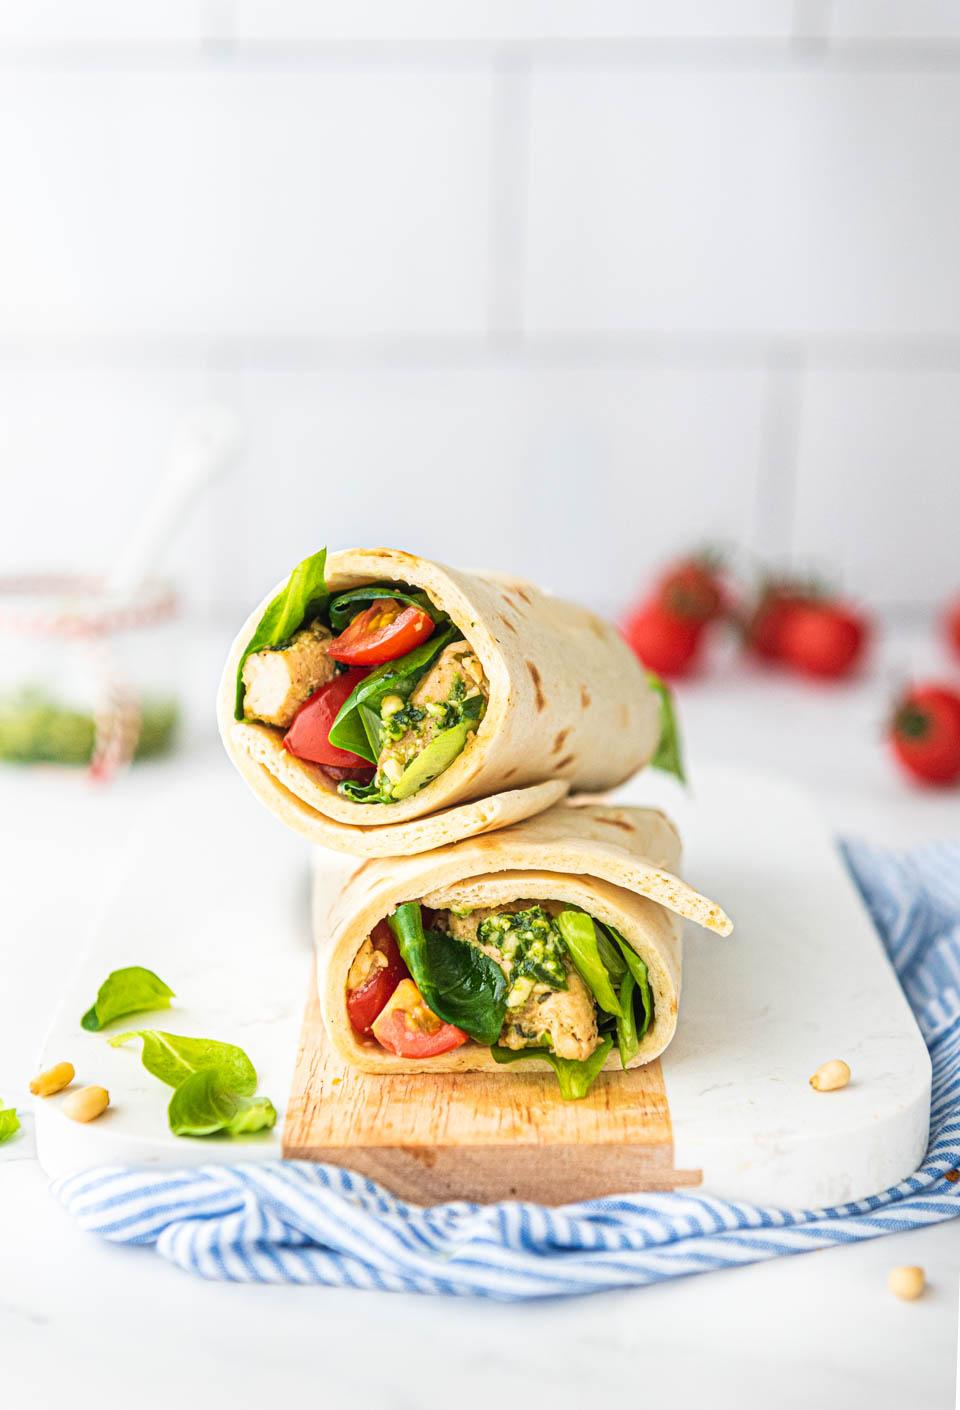 Makkelijke maaltijd- snelle wraps met kip en pesto